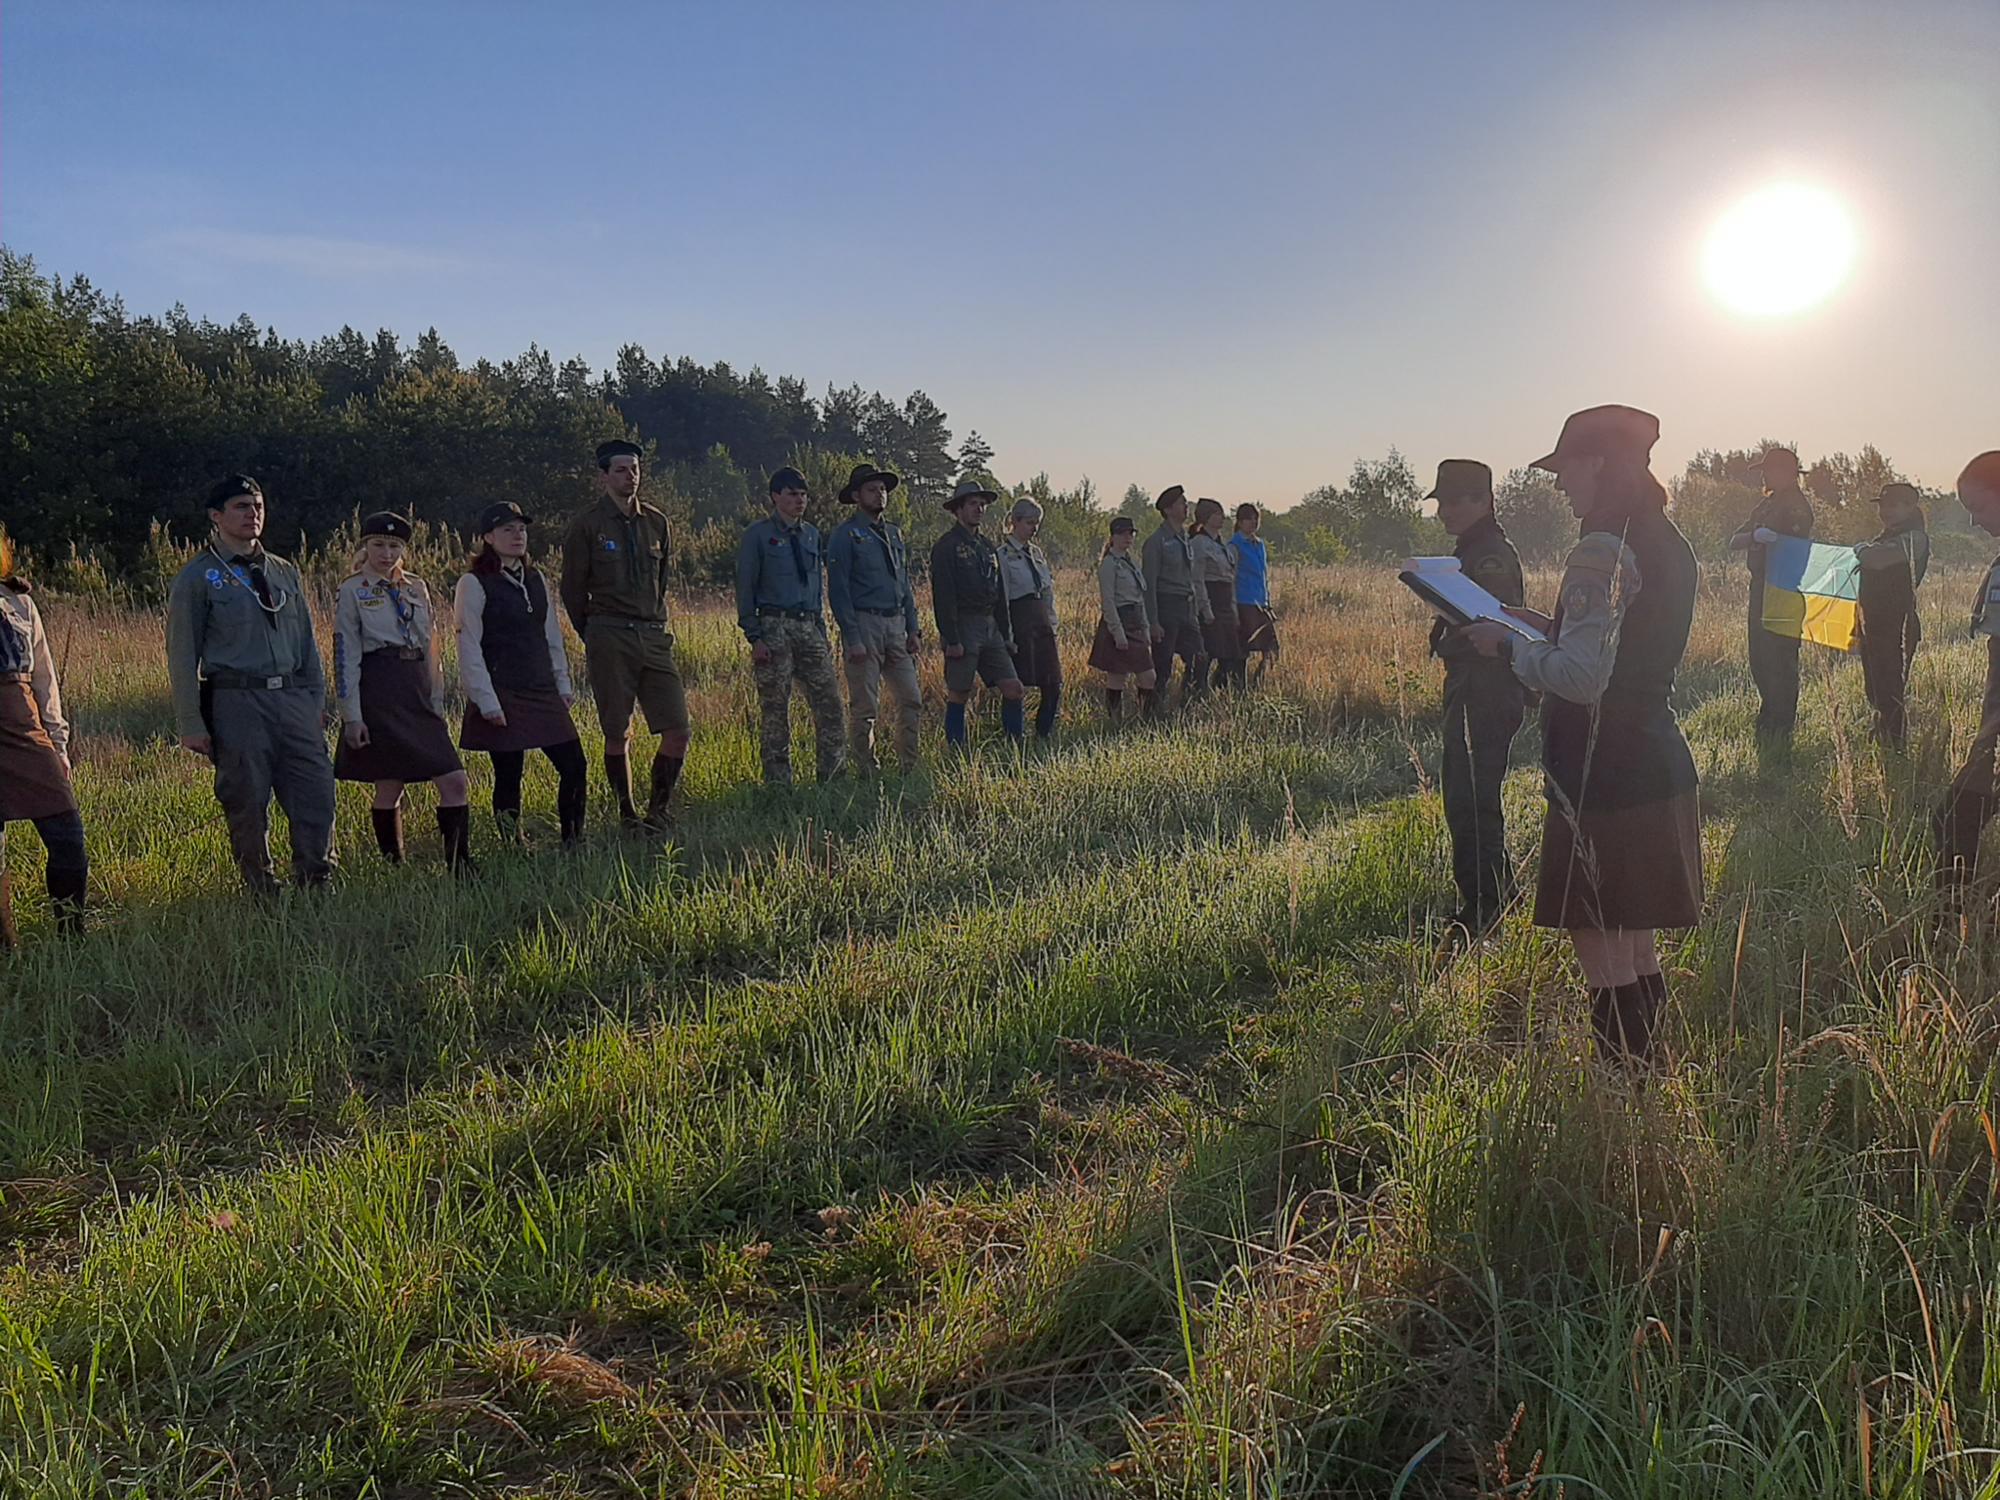 На Київщині з'явився приватний Пластовий ліс: як в Україні розвивається скаутський рух. Фото